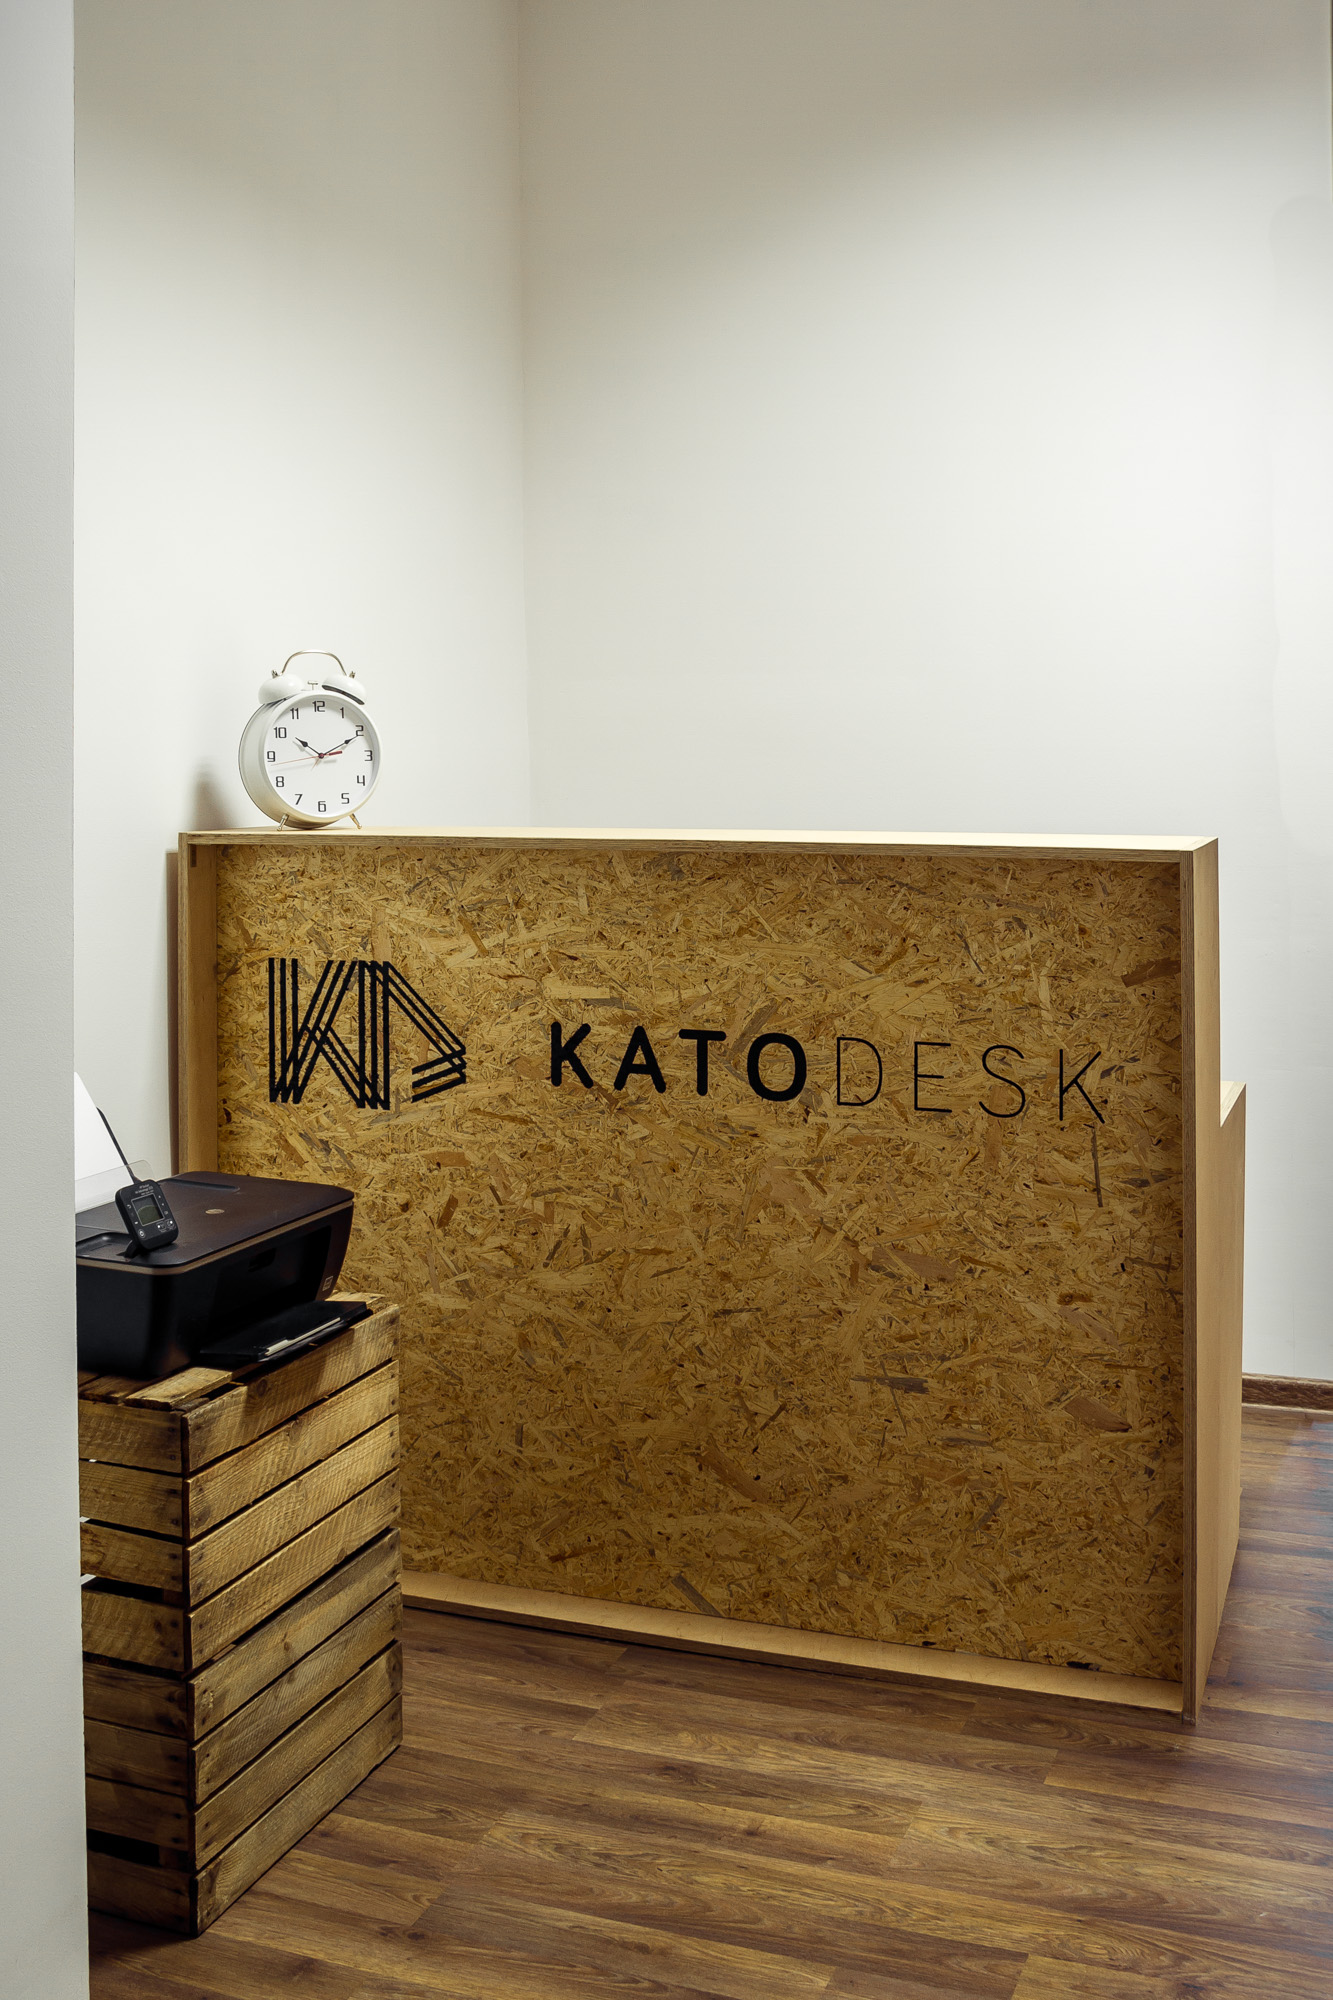 Katodesk, Katowice